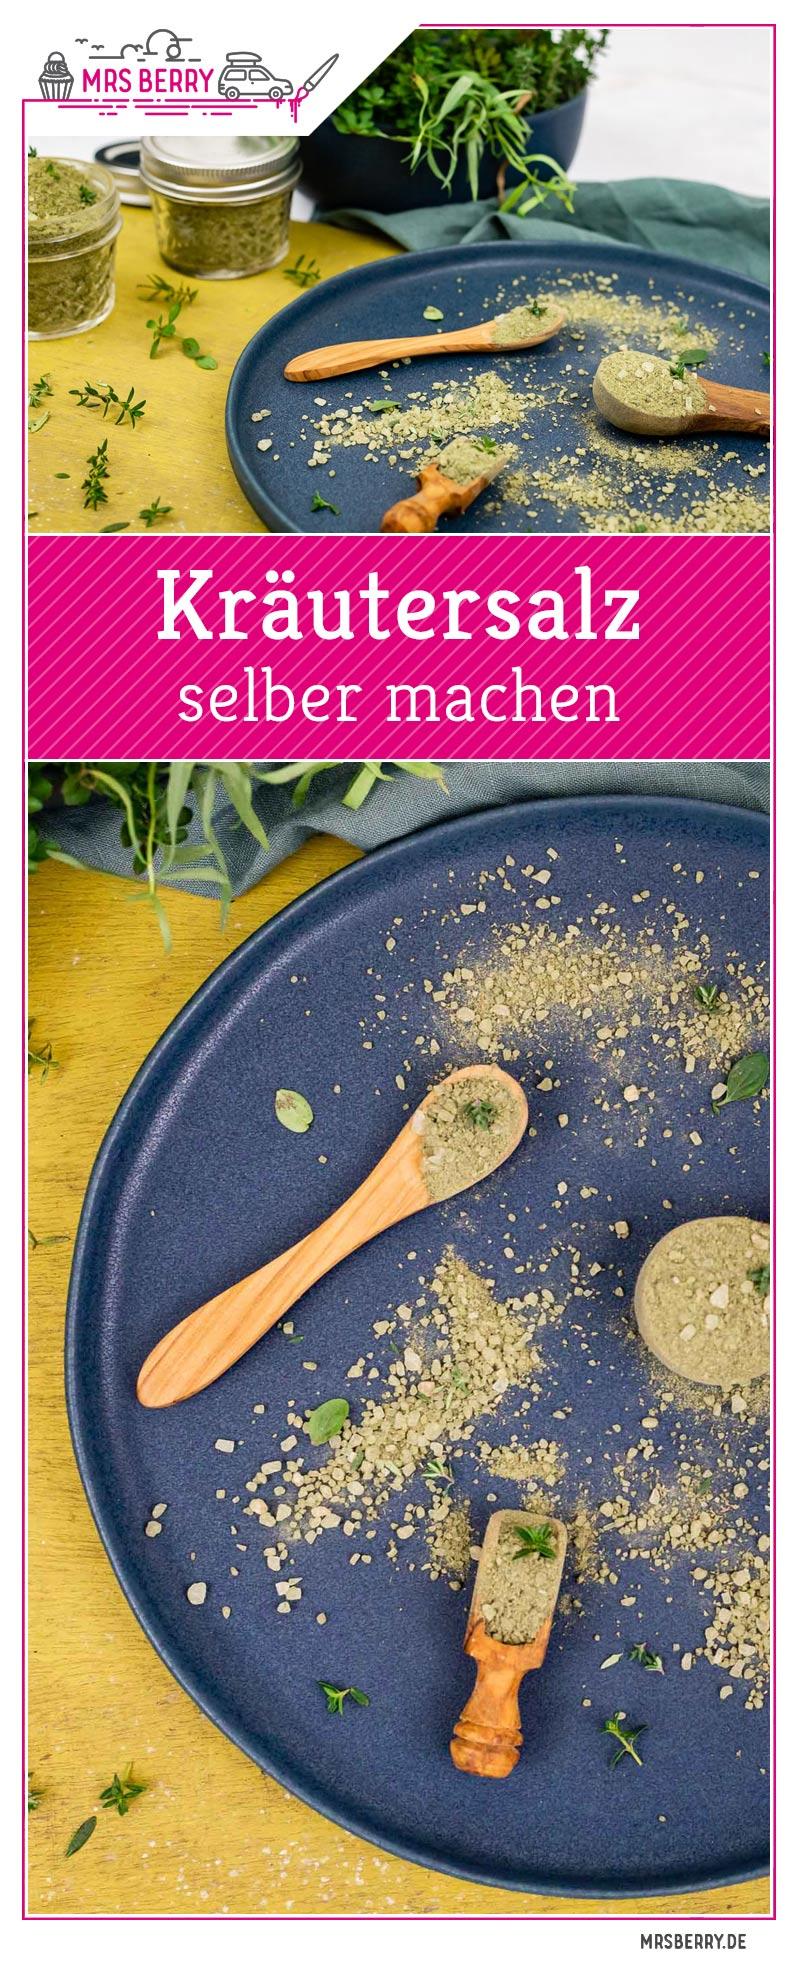 Kräutersalz, Gewürzsalz, Blütensalz - 3 Geschenkideen aus ...